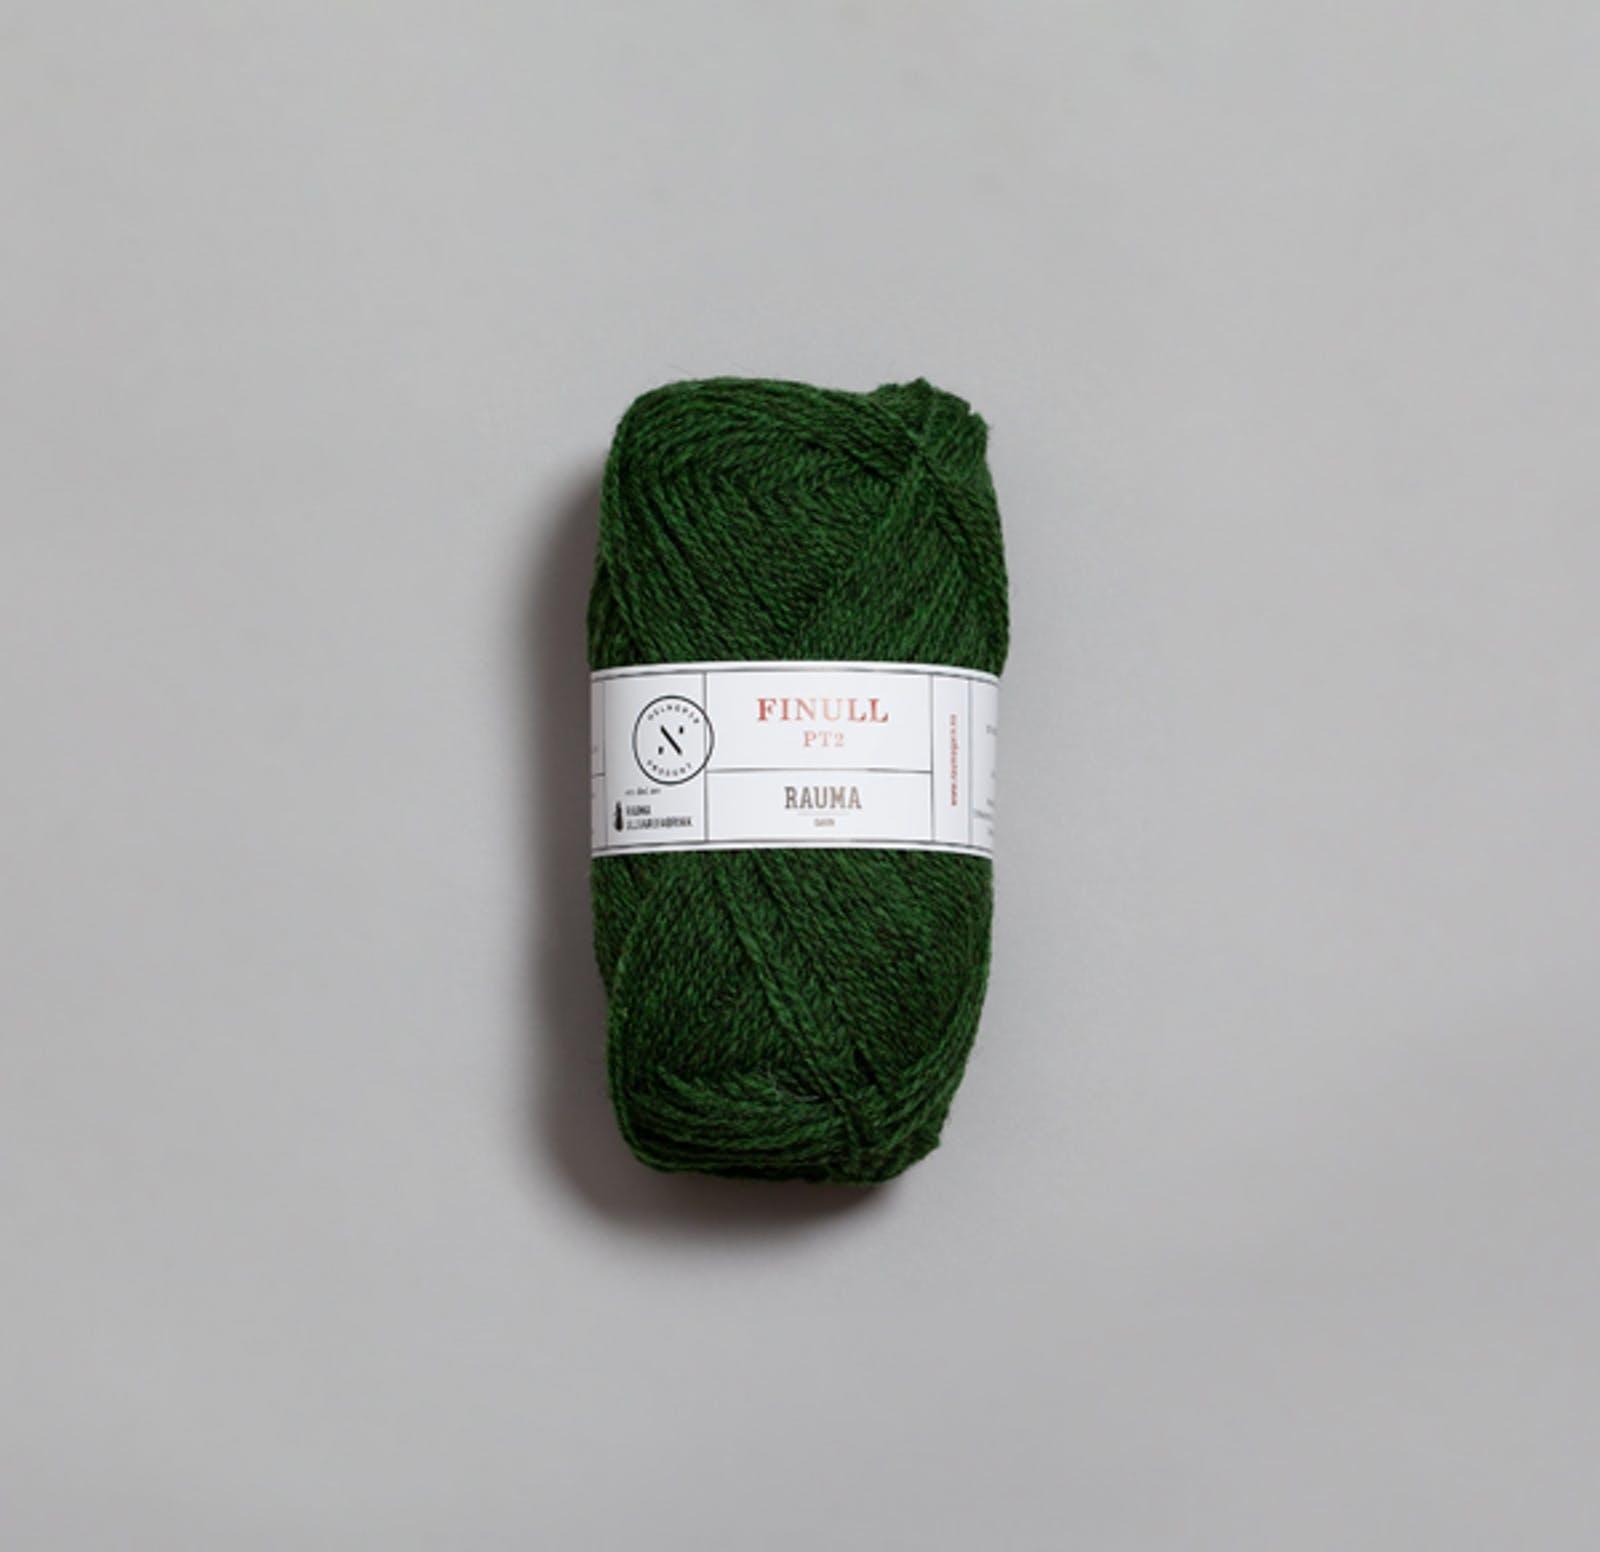 Rauma Finull melert - 4122 - Mørk Grønn Mørkmelert